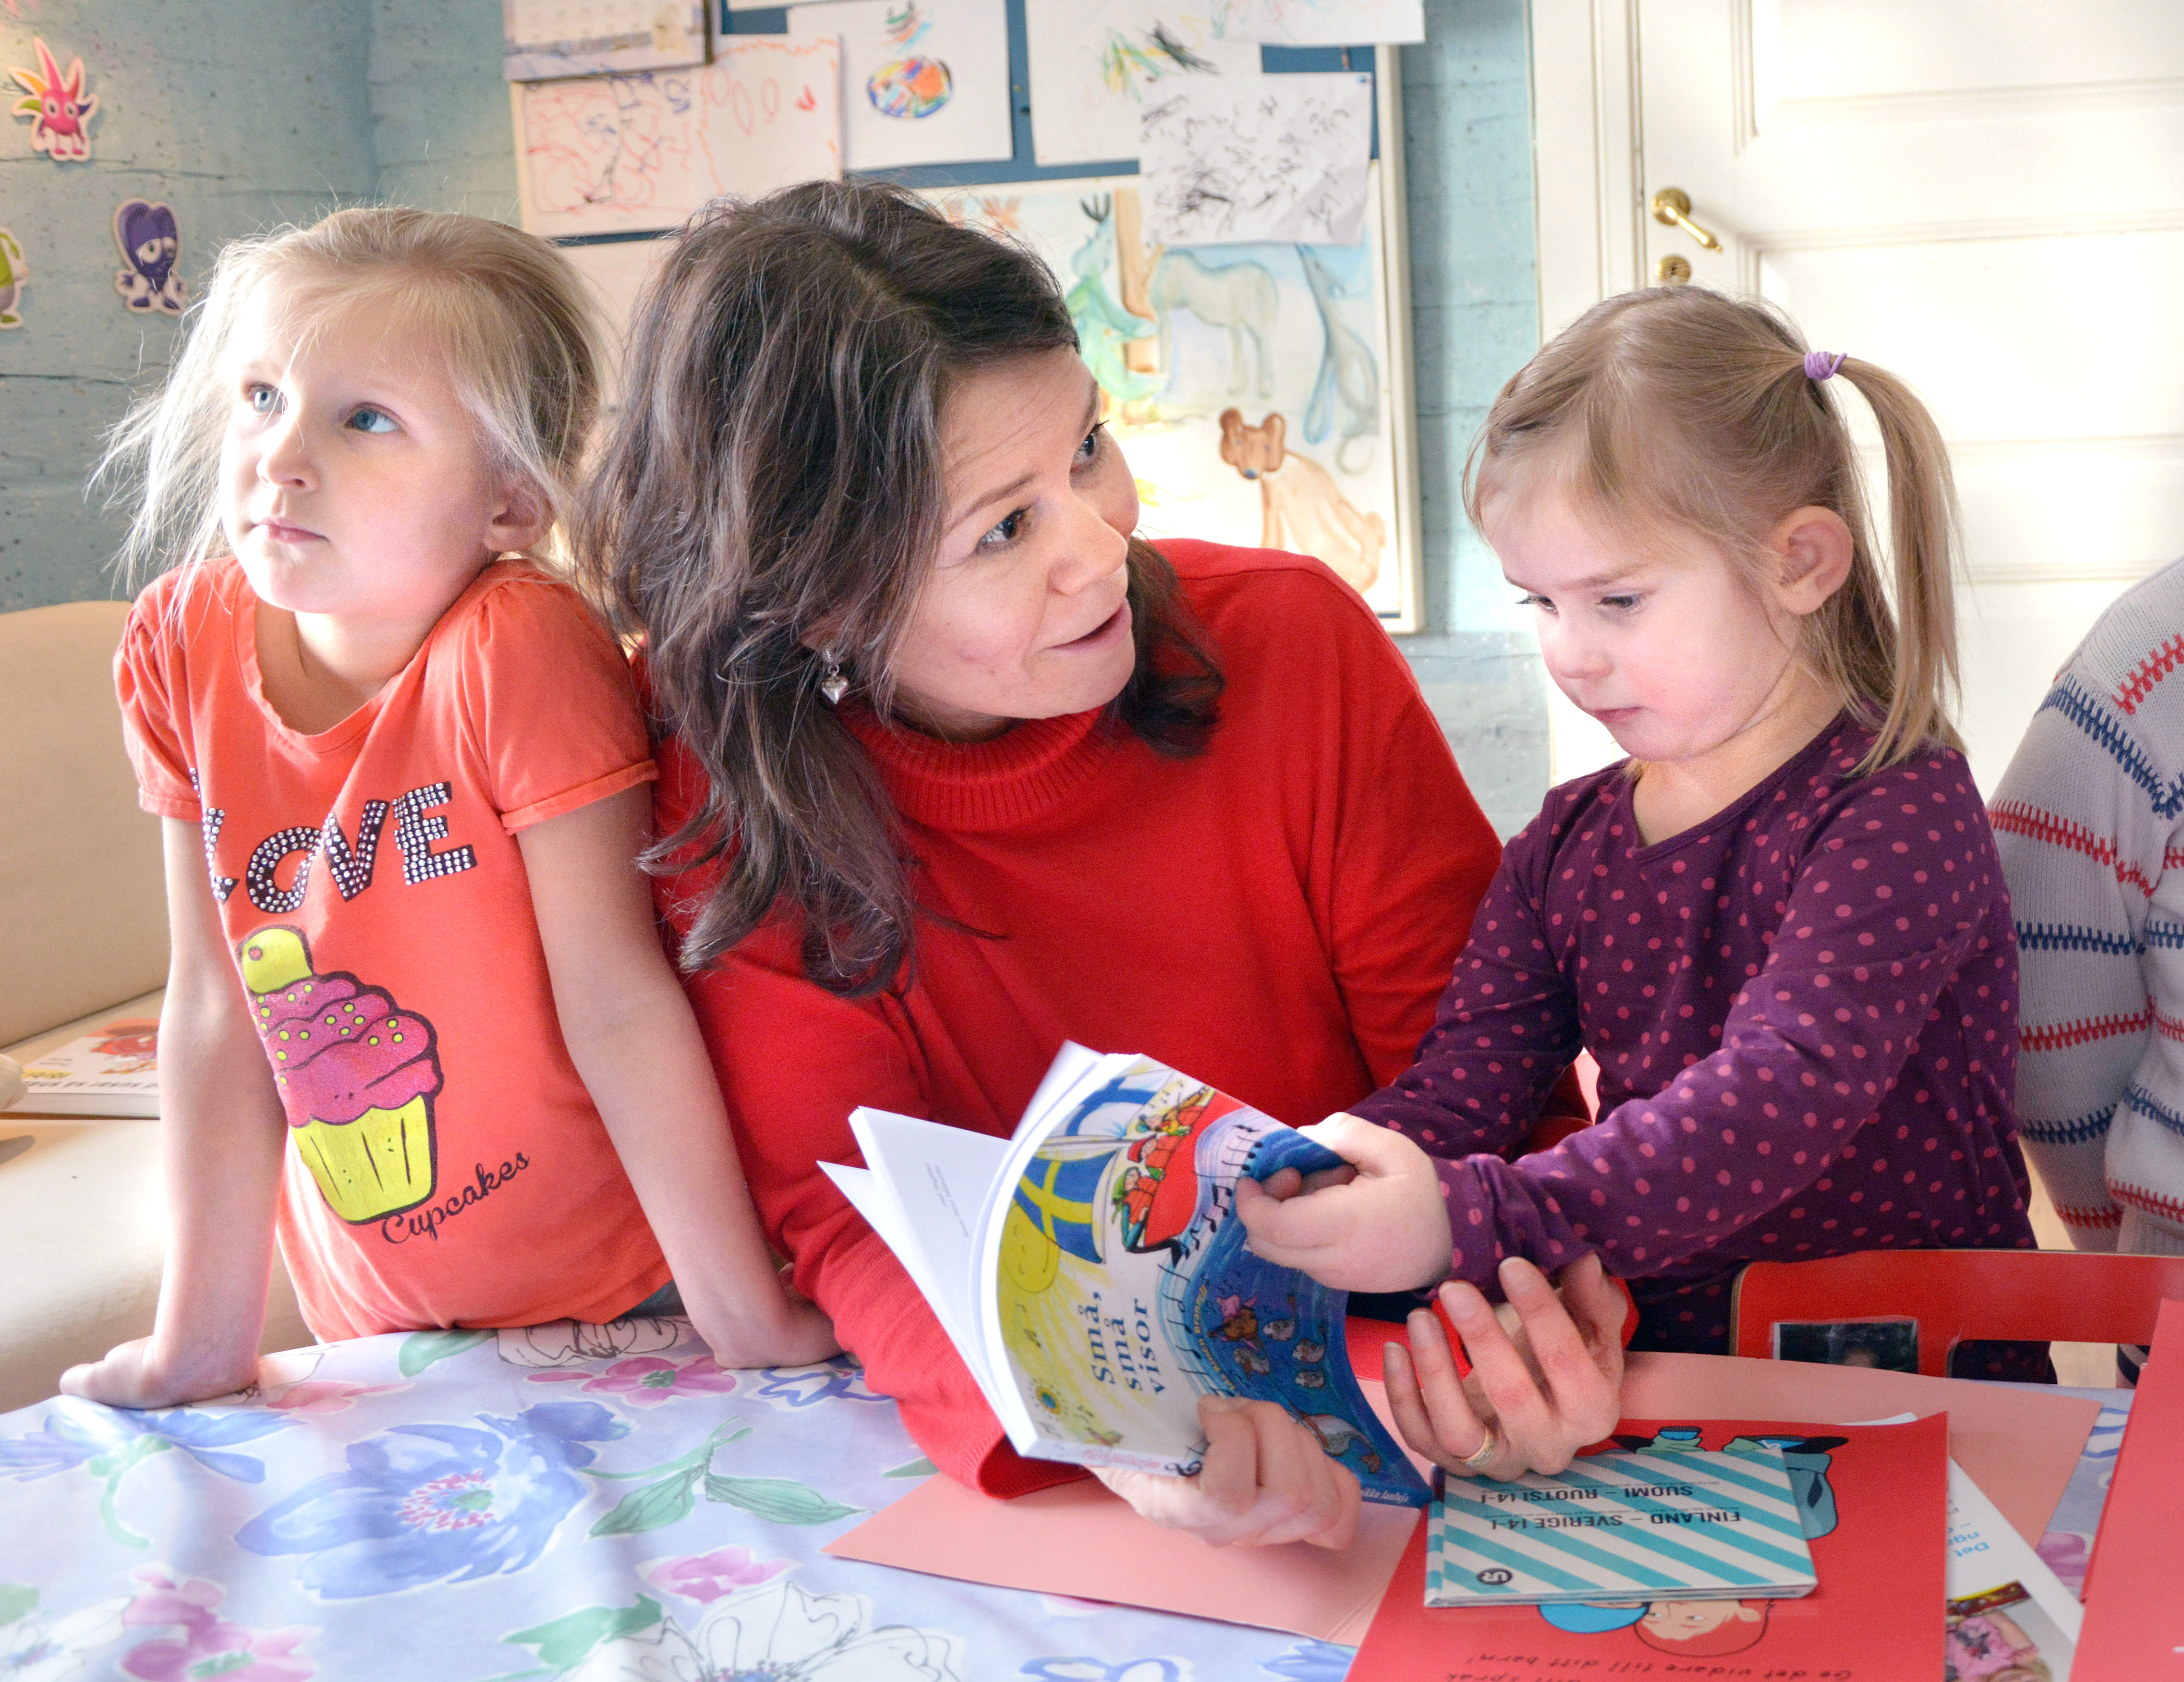 Fra arkivet: Nuoret ruotsinkieliset vanhemmat haluavat lapsiensa oppivan meänkieltä